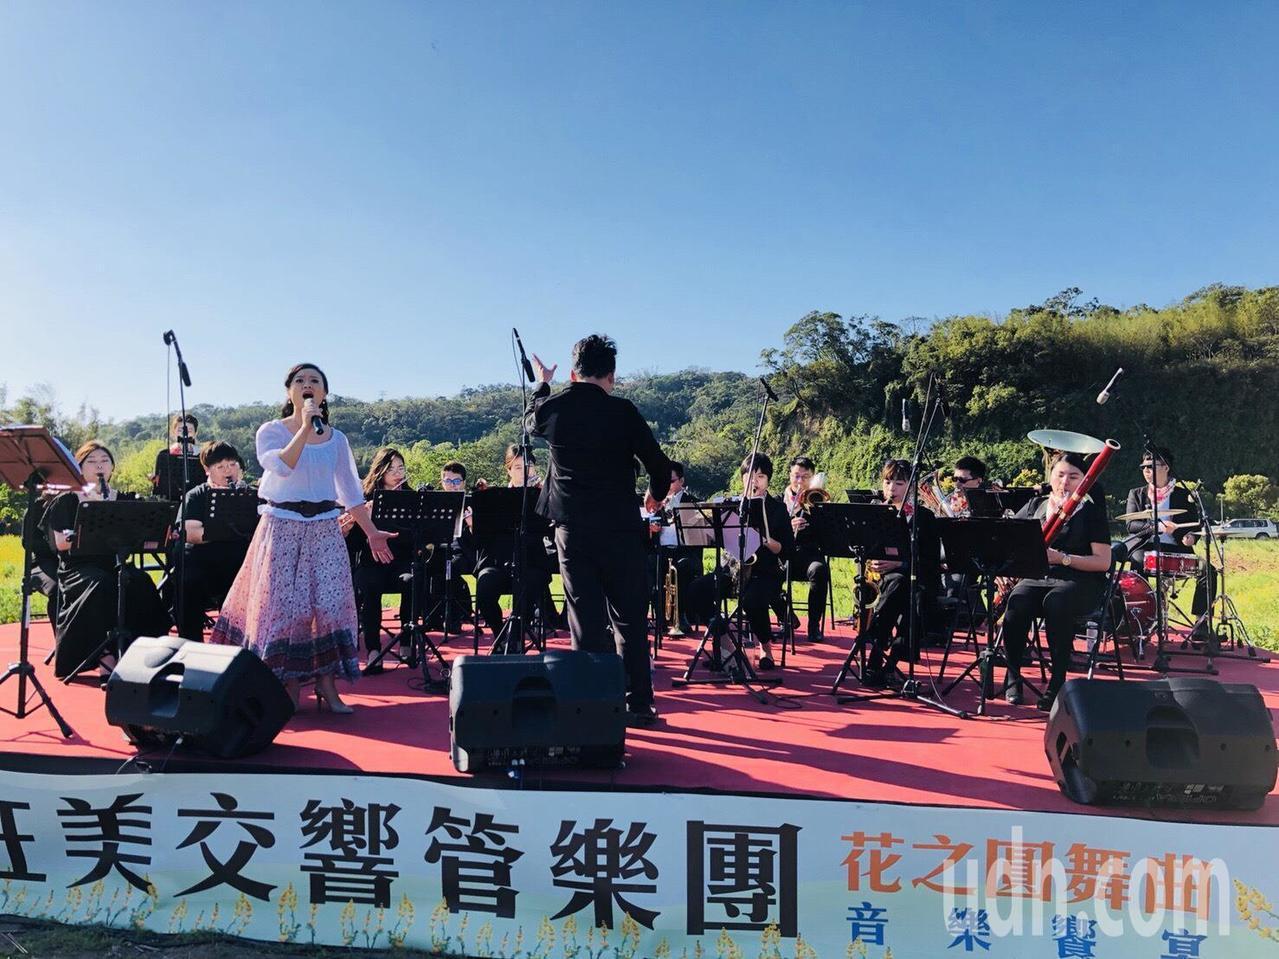 狂美交響管樂團與聲樂家陳慧如同台演出客家經典曲目。記者鄭國樑/攝影